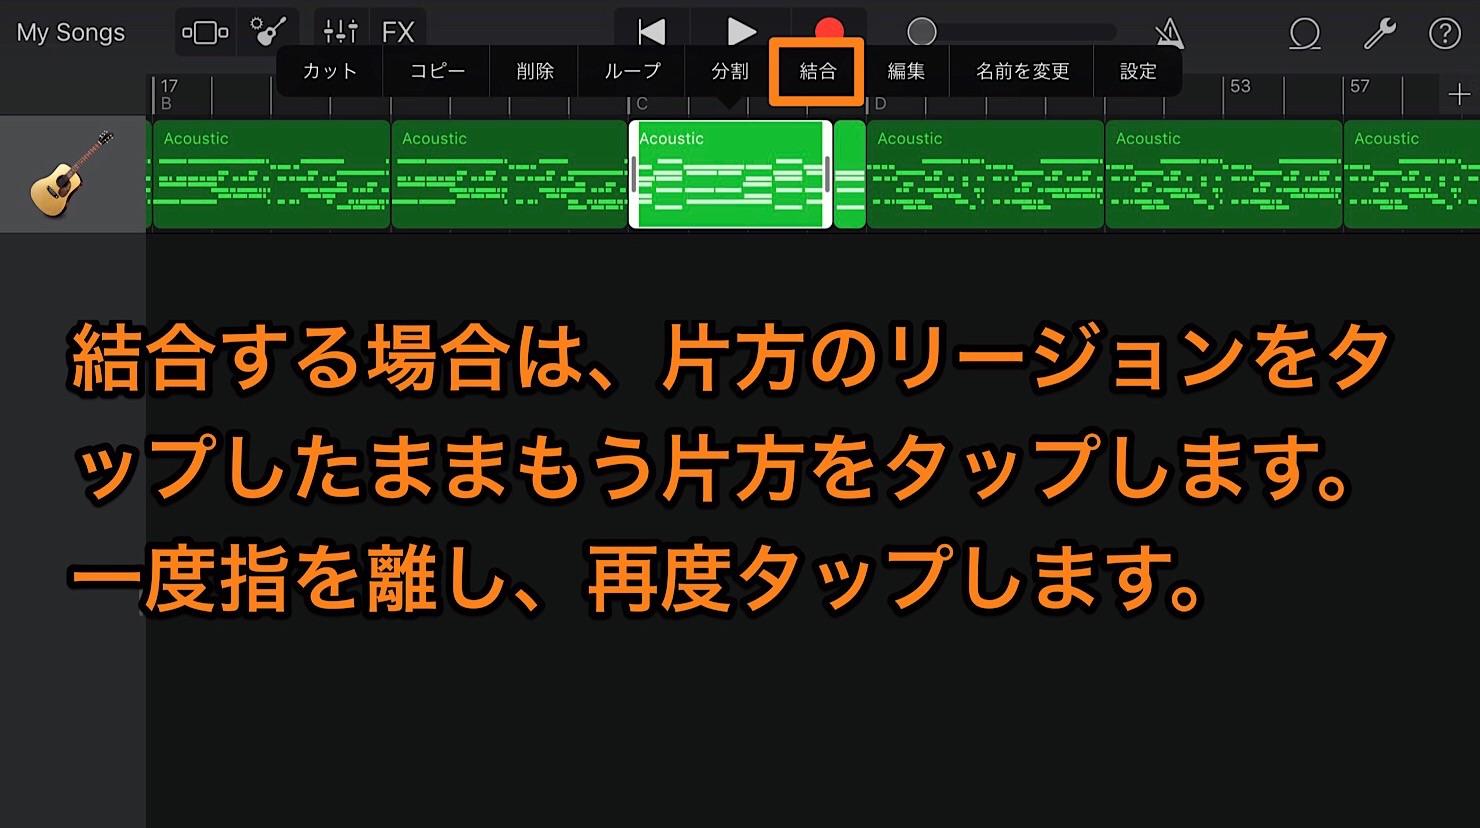 garageband-ios-ver2-edit-sound-6